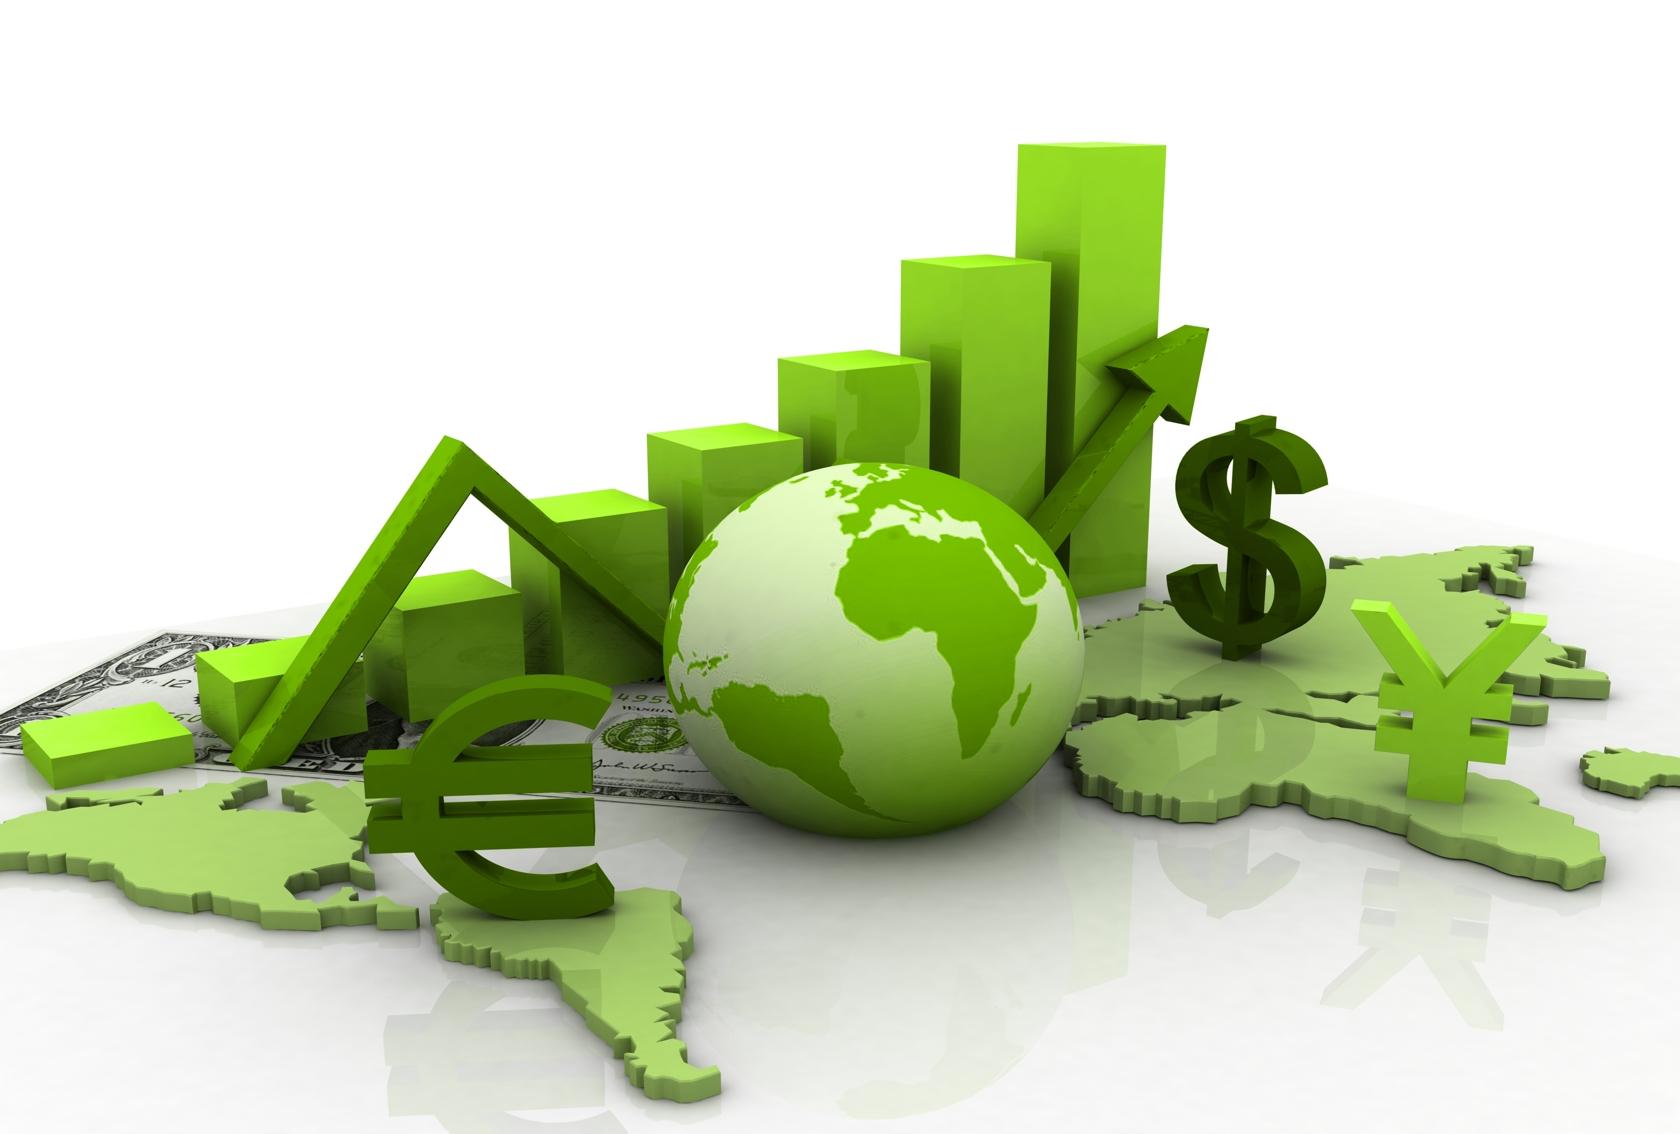 La dependencia económica de Estados Unidos, así como los problemas del sector construcción son factores que impactan negativamente el crecimiento del país.